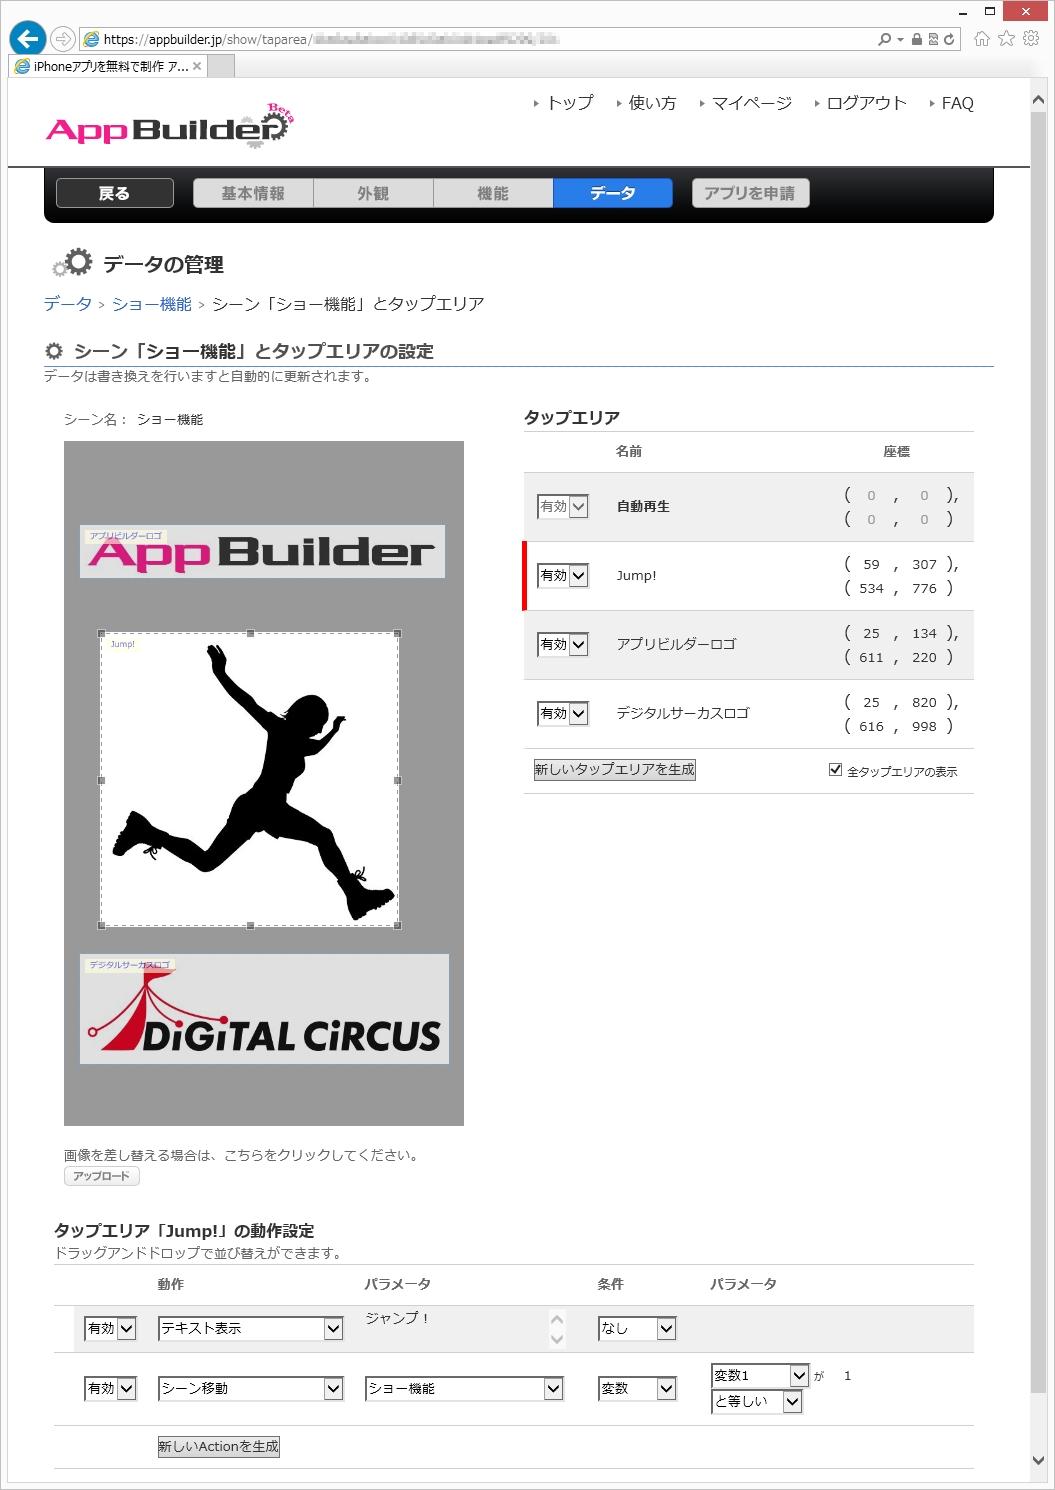 WebブラウザだけでiPhoneアプリを作る アプリビルダー ショー機能公開